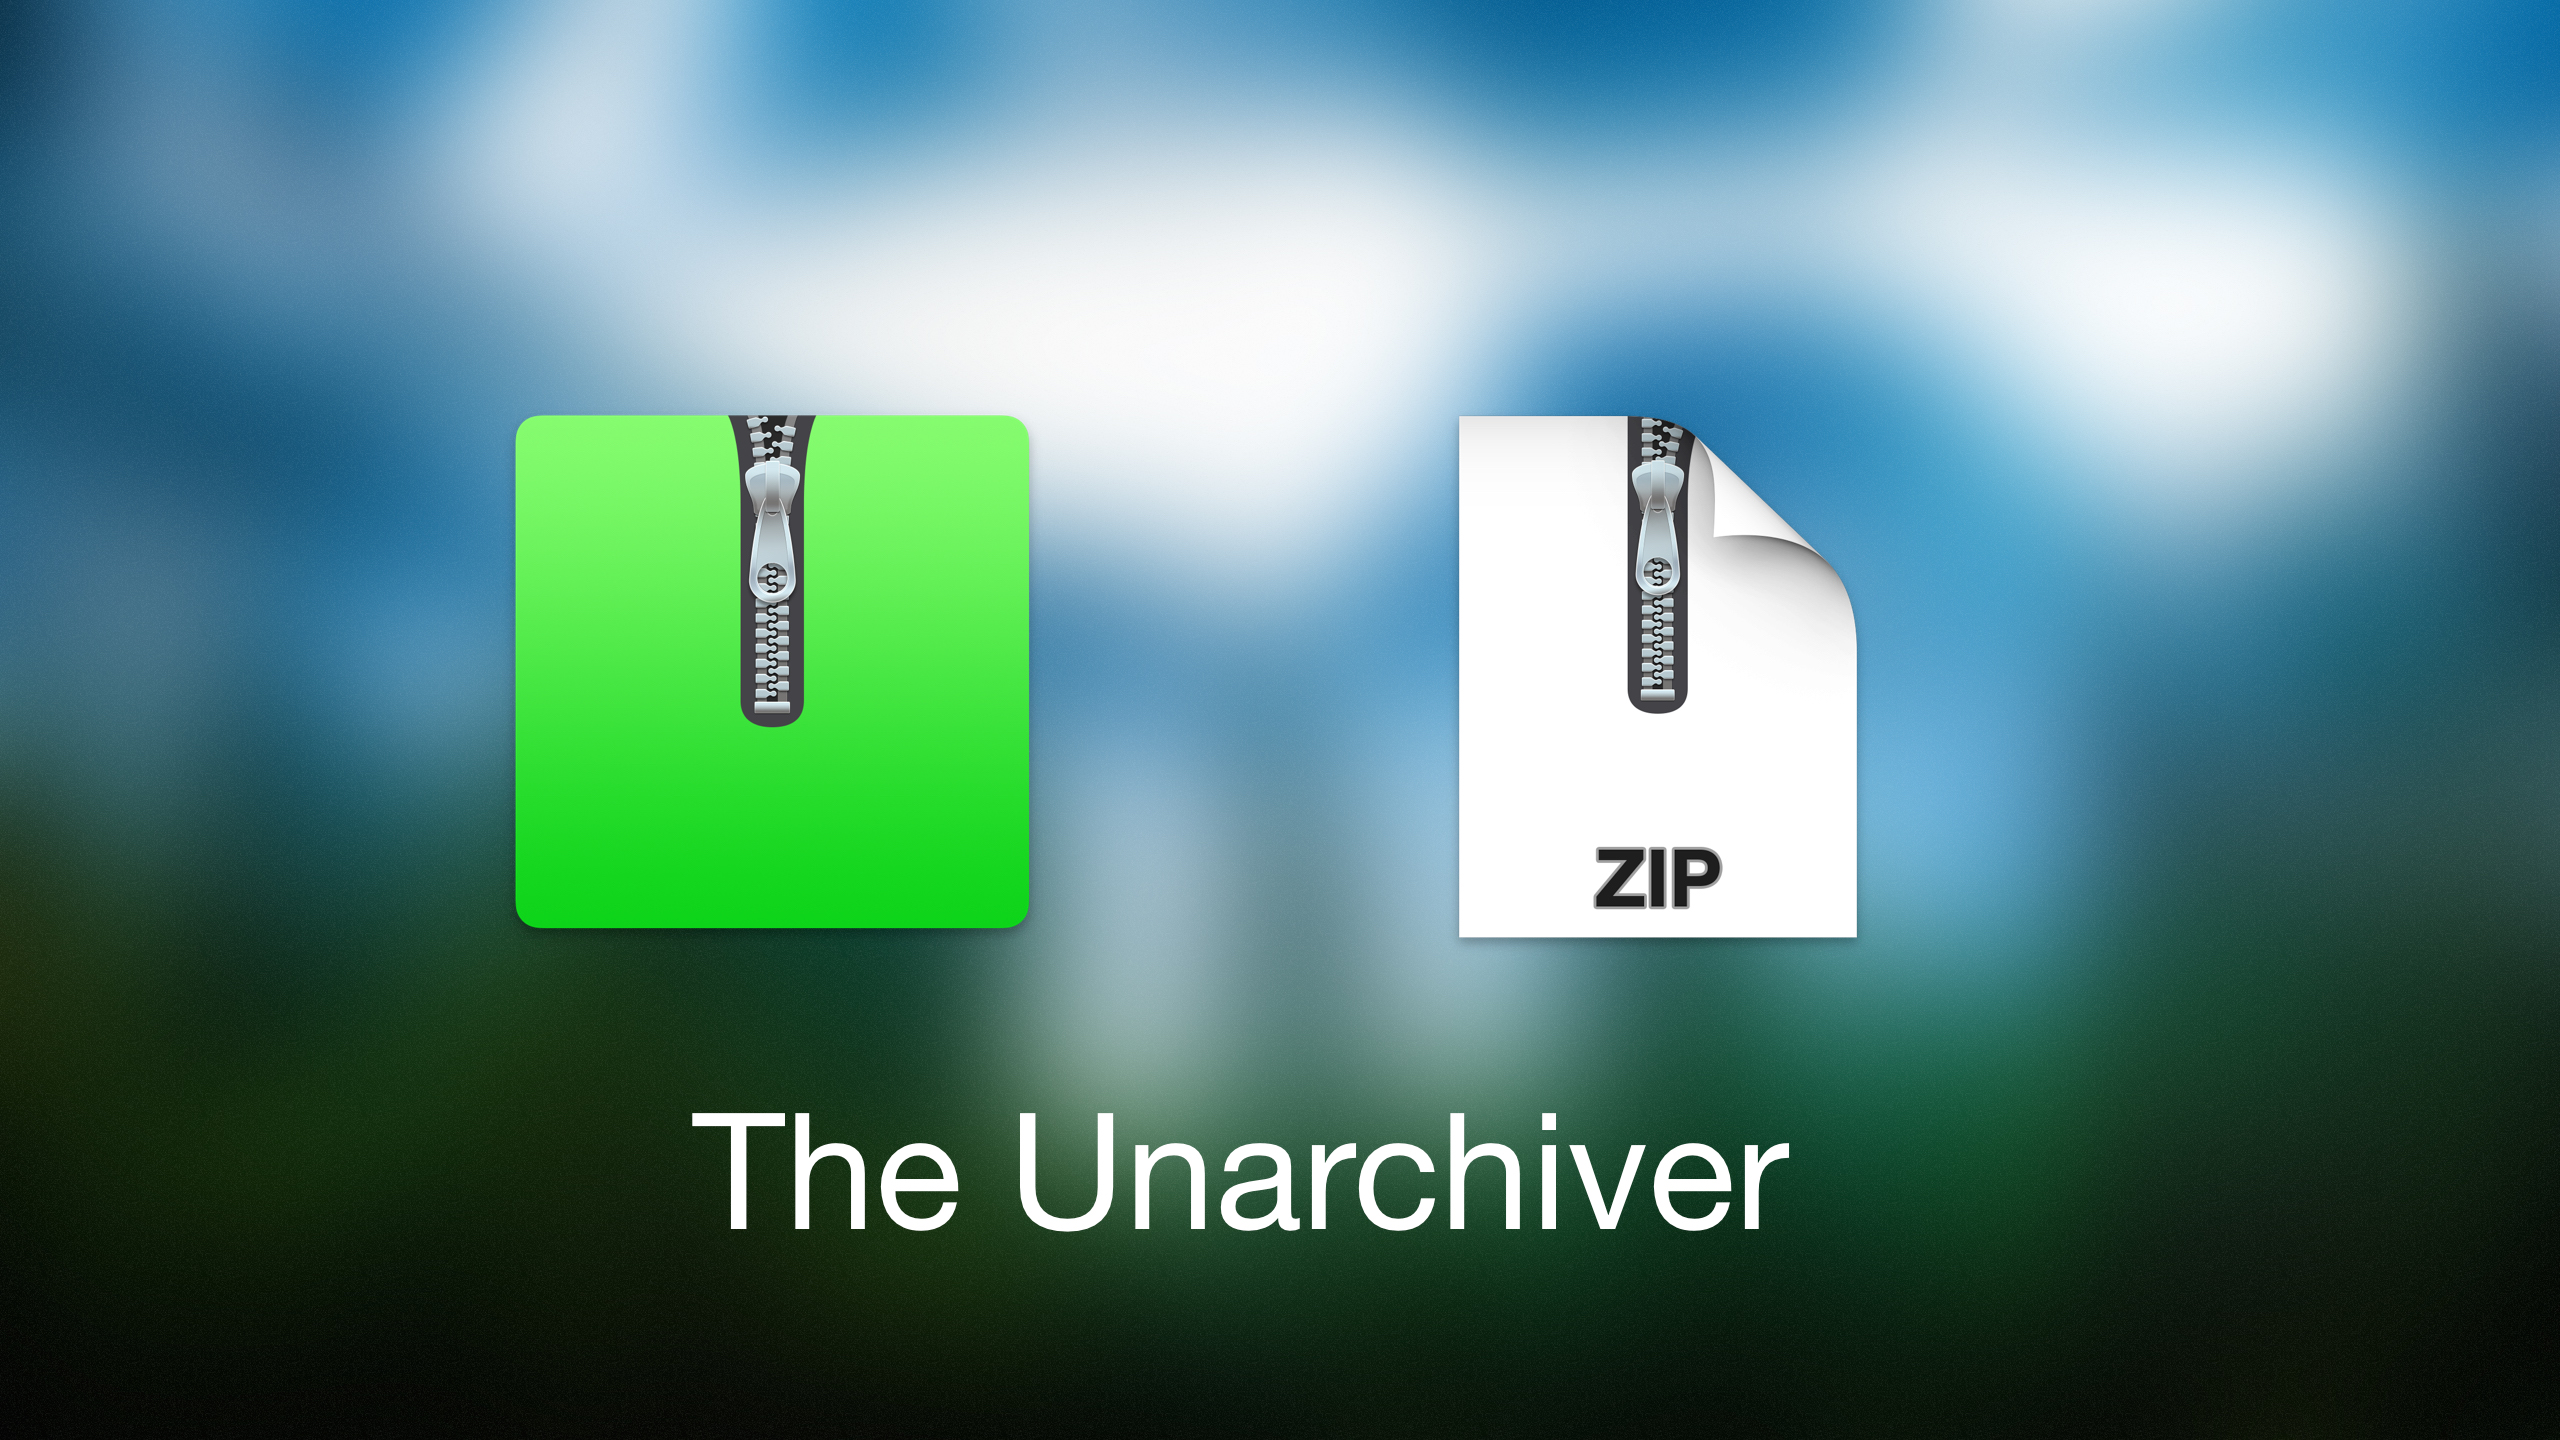 Скачать The Unarchiver для Mac OS бесплатно на русском языке